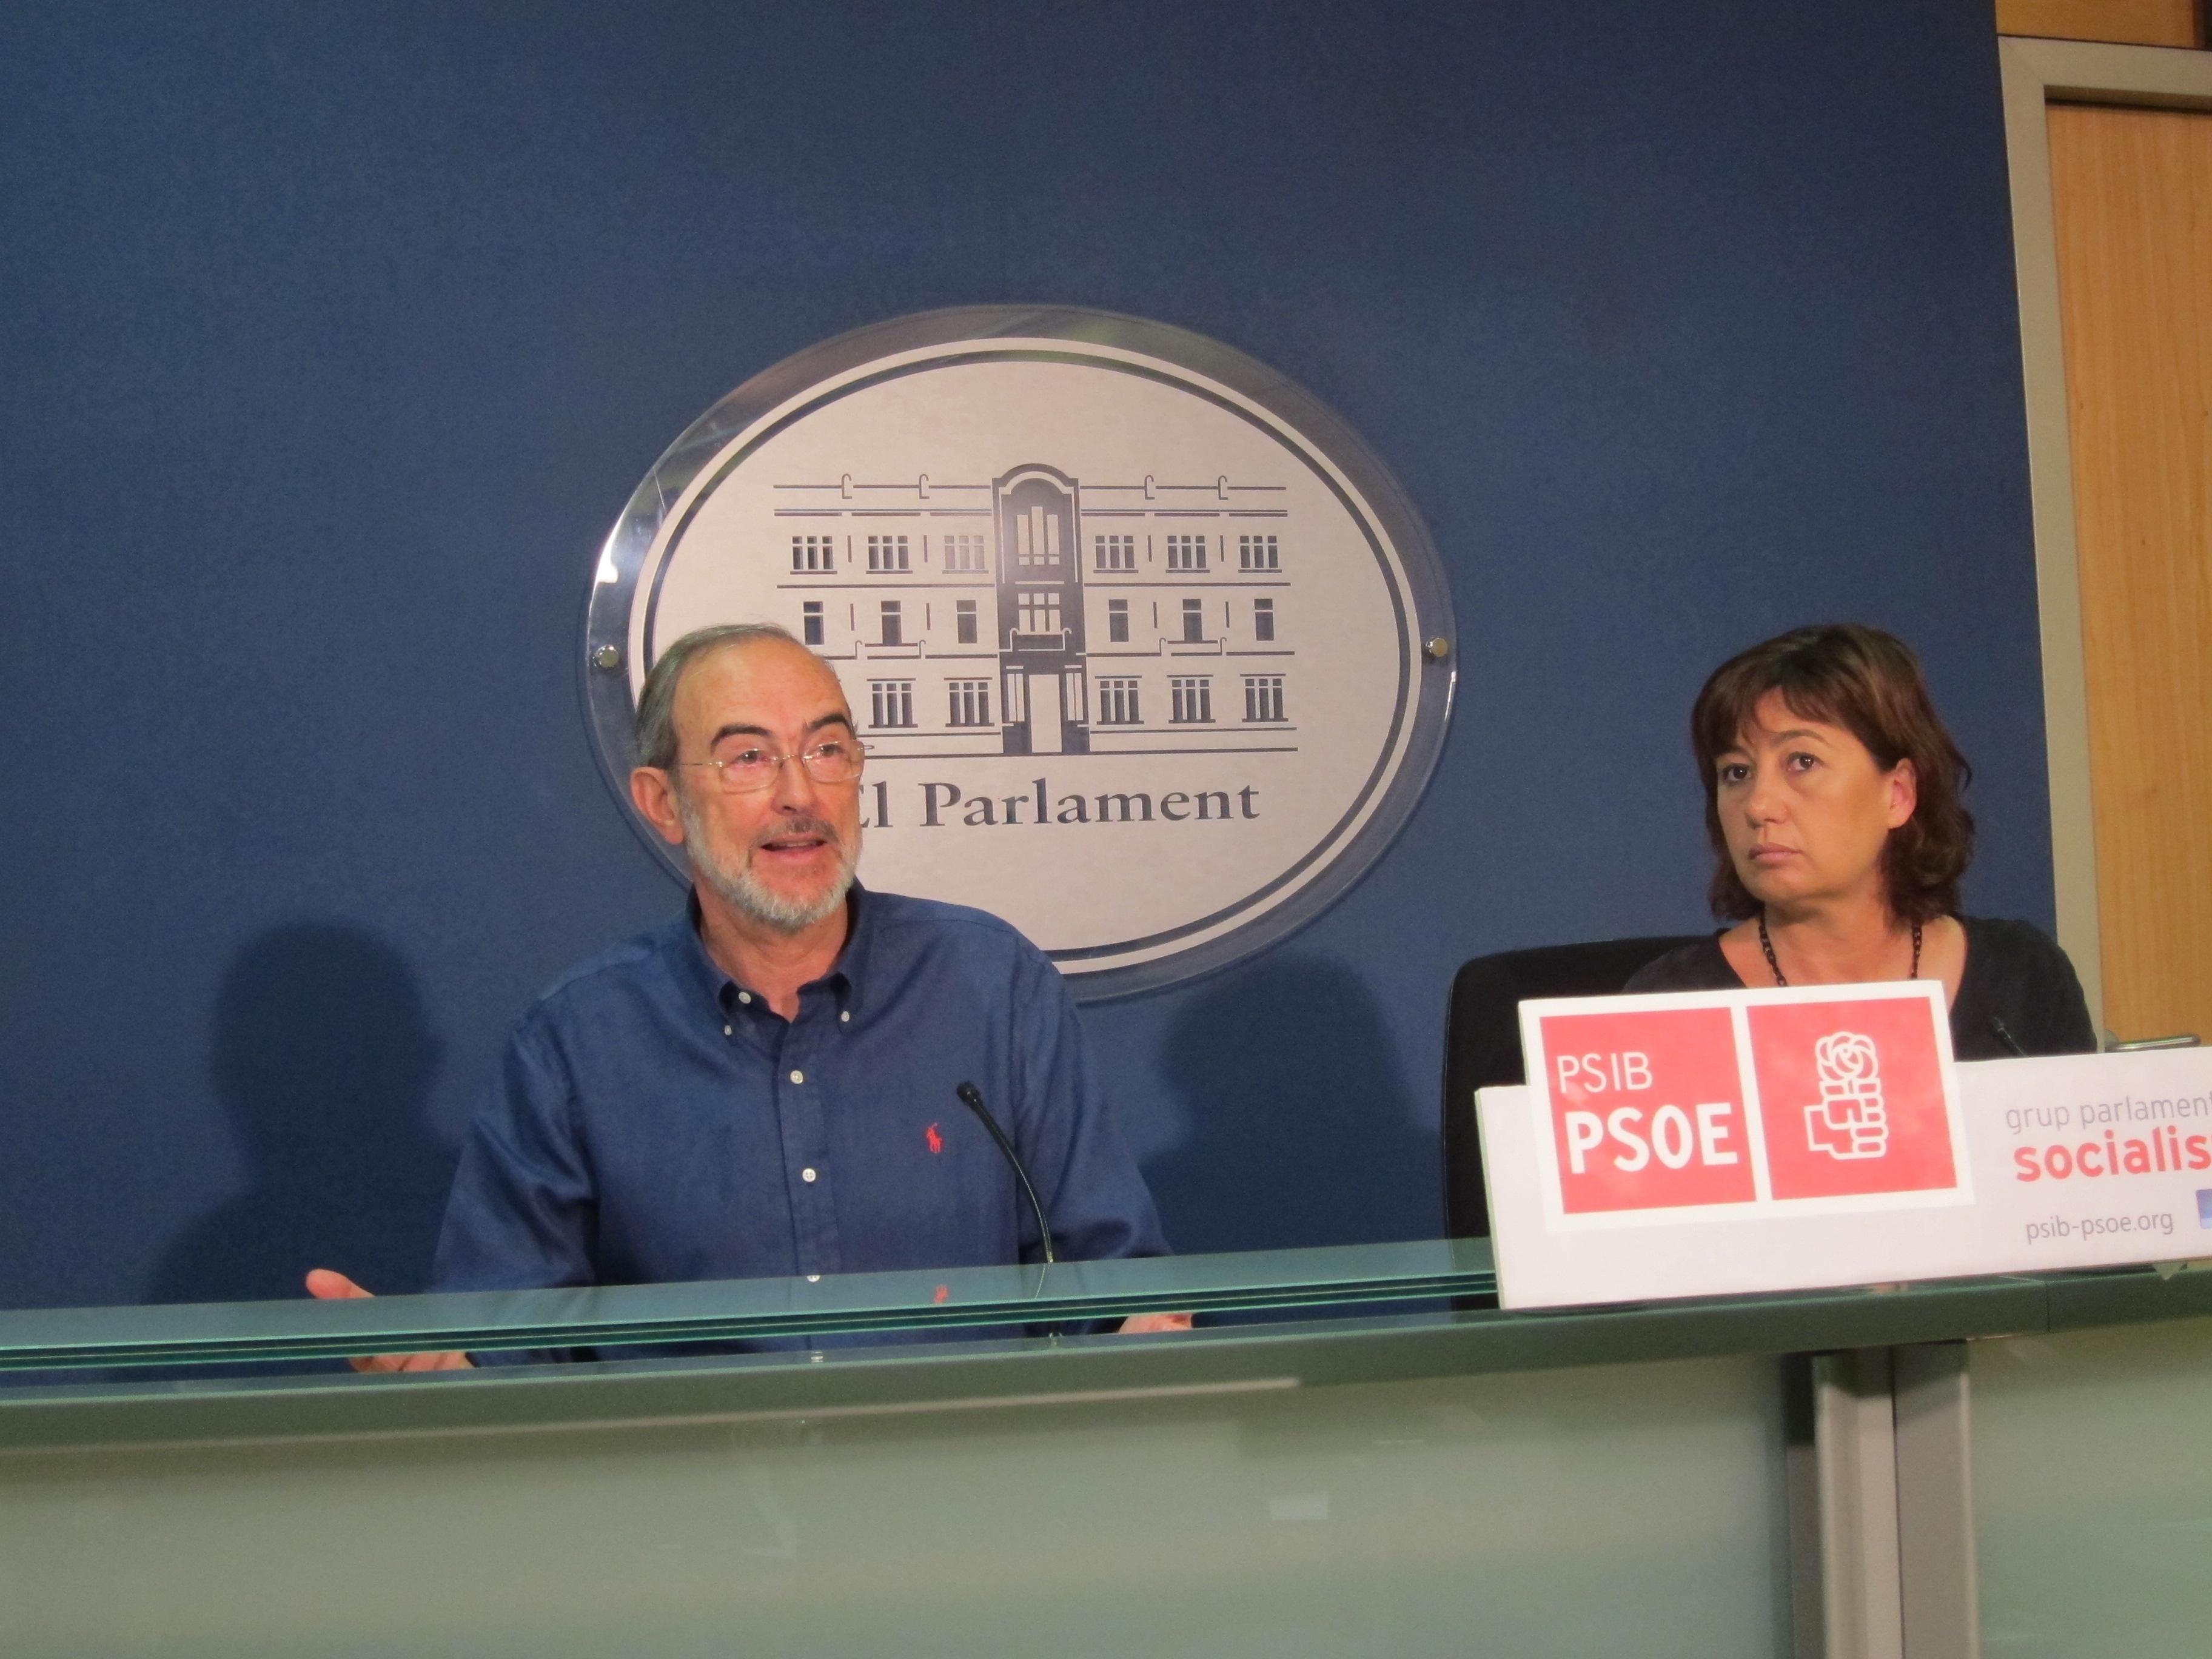 El PSIB plantea bonificaciones fiscales de ciertos impuestos en los casos de renegociación de las hipotecas